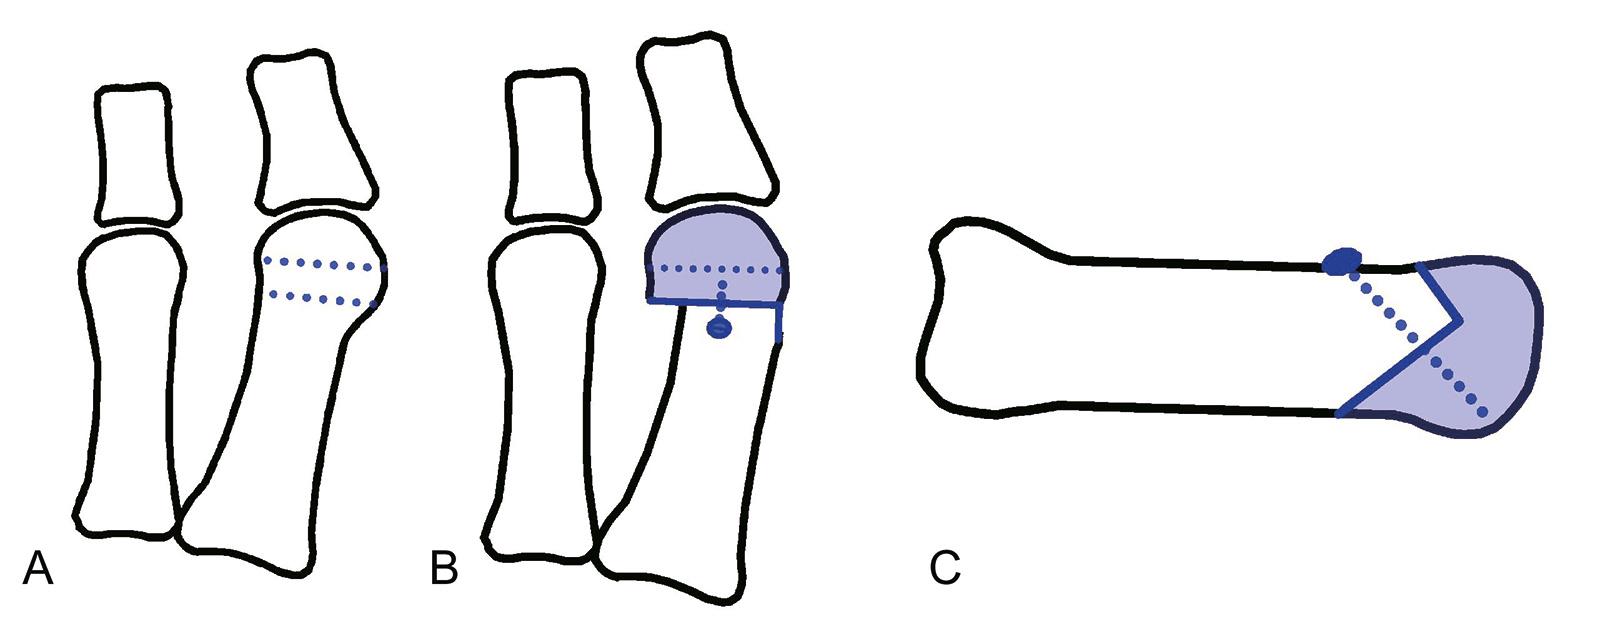 Abb. 6-8: Chevron-Osteotomie: vor (A) und nach der Operation (B,C)